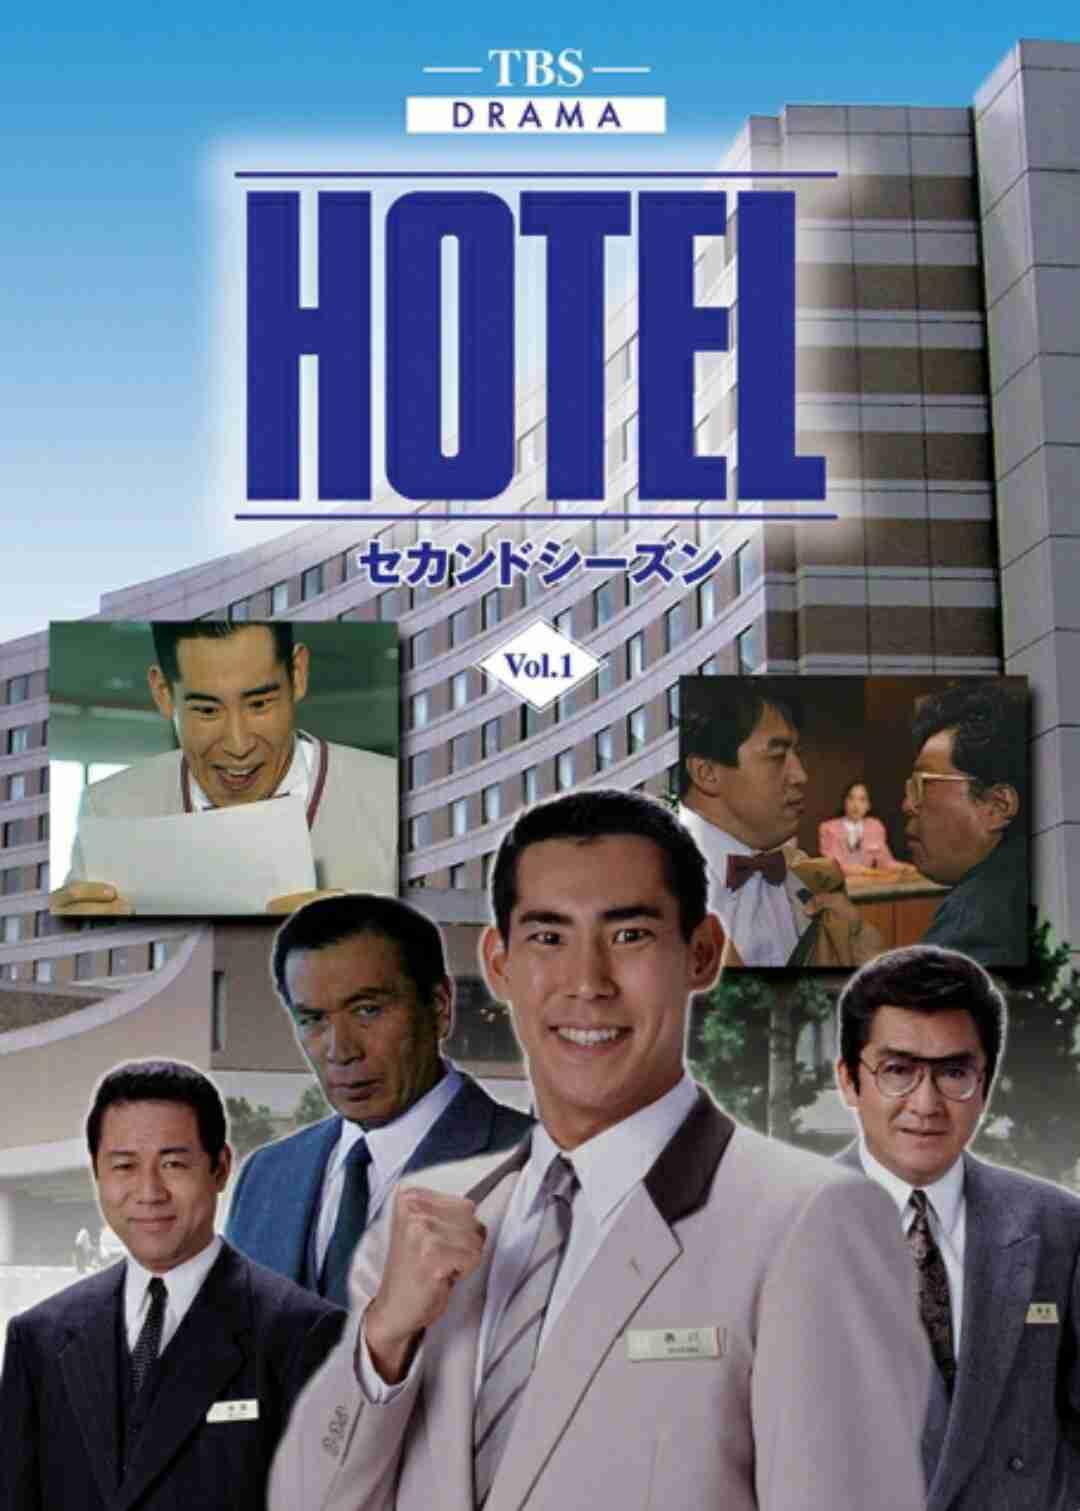 HOTEL好きだった方いますか?